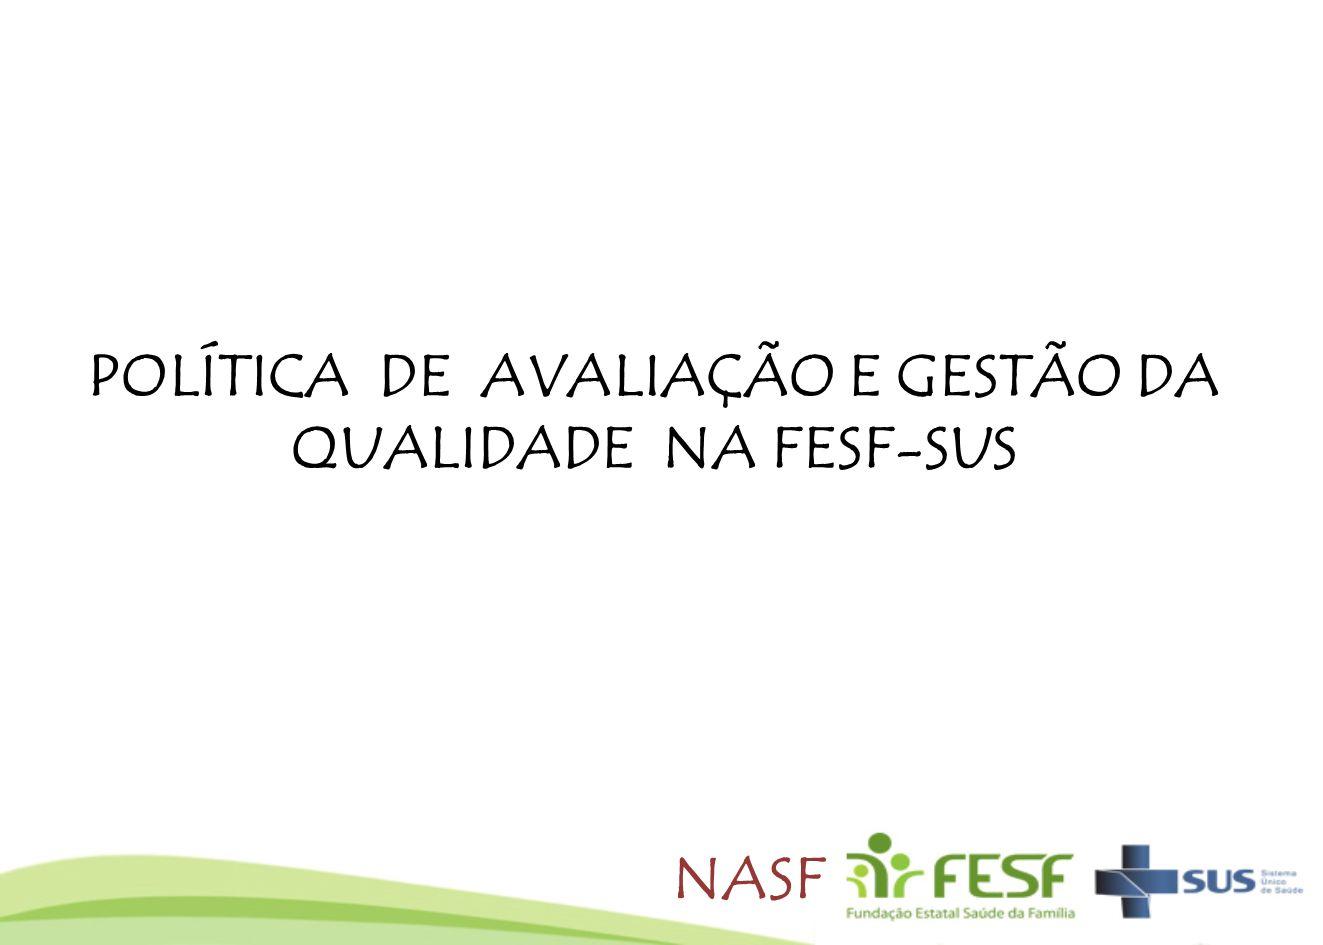 POLÍTICA DE AVALIAÇÃO E GESTÃO DA QUALIDADE NA FESF-SUS NASF